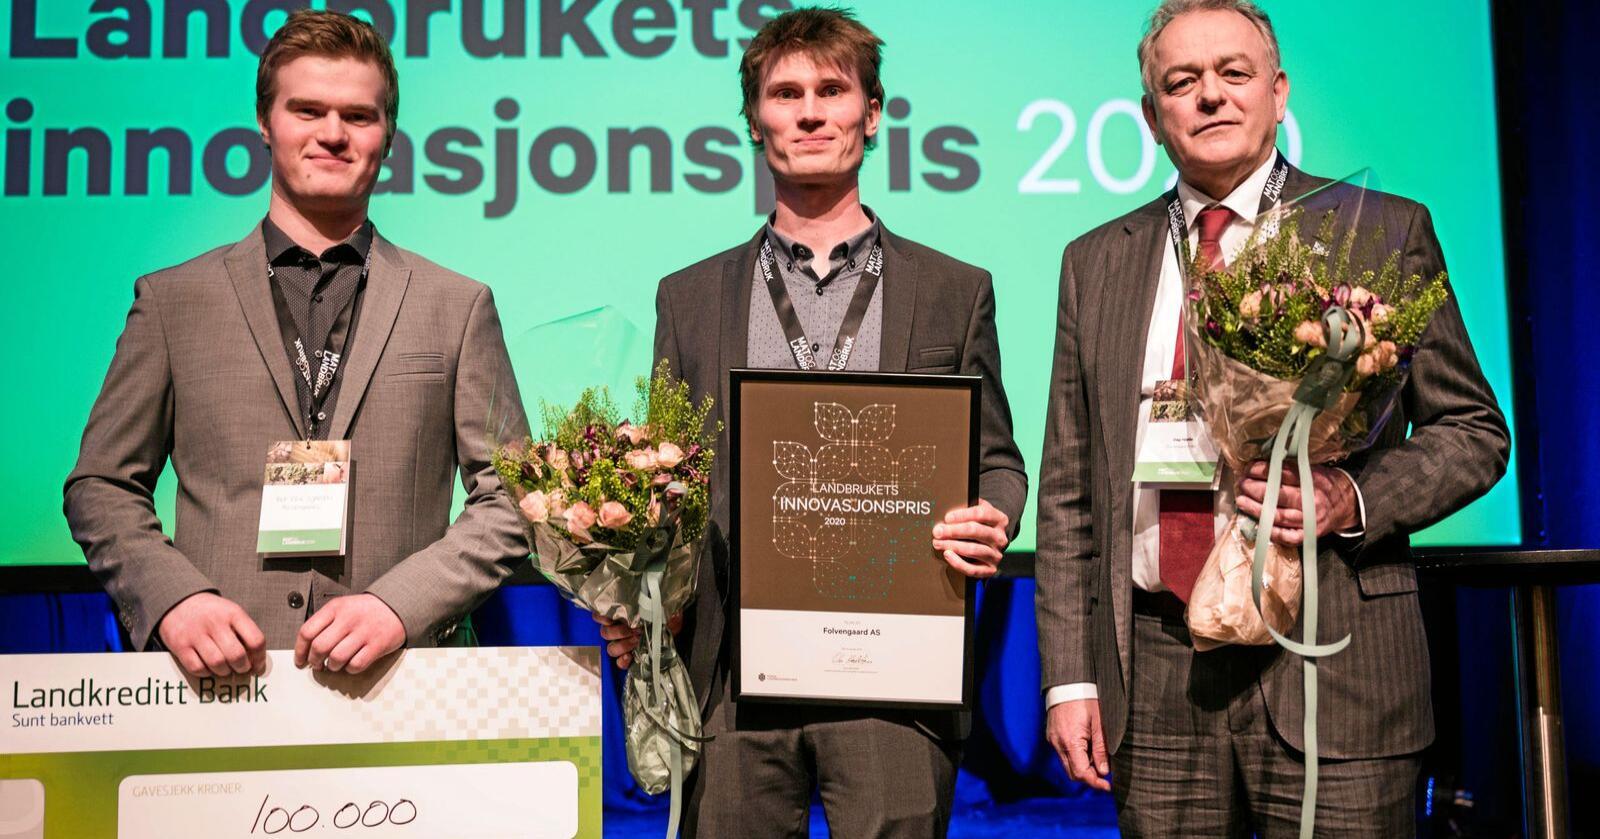 Brørne Alf Erik Gjørven og Rolf Olav Gjørven saman med Dag Hjelle er vinnarane av Landbrukets innovasjonspris, som er på 100.000 kroner. Foto: John Trygve Tollefsen / Norsk landbrukssamvirke.